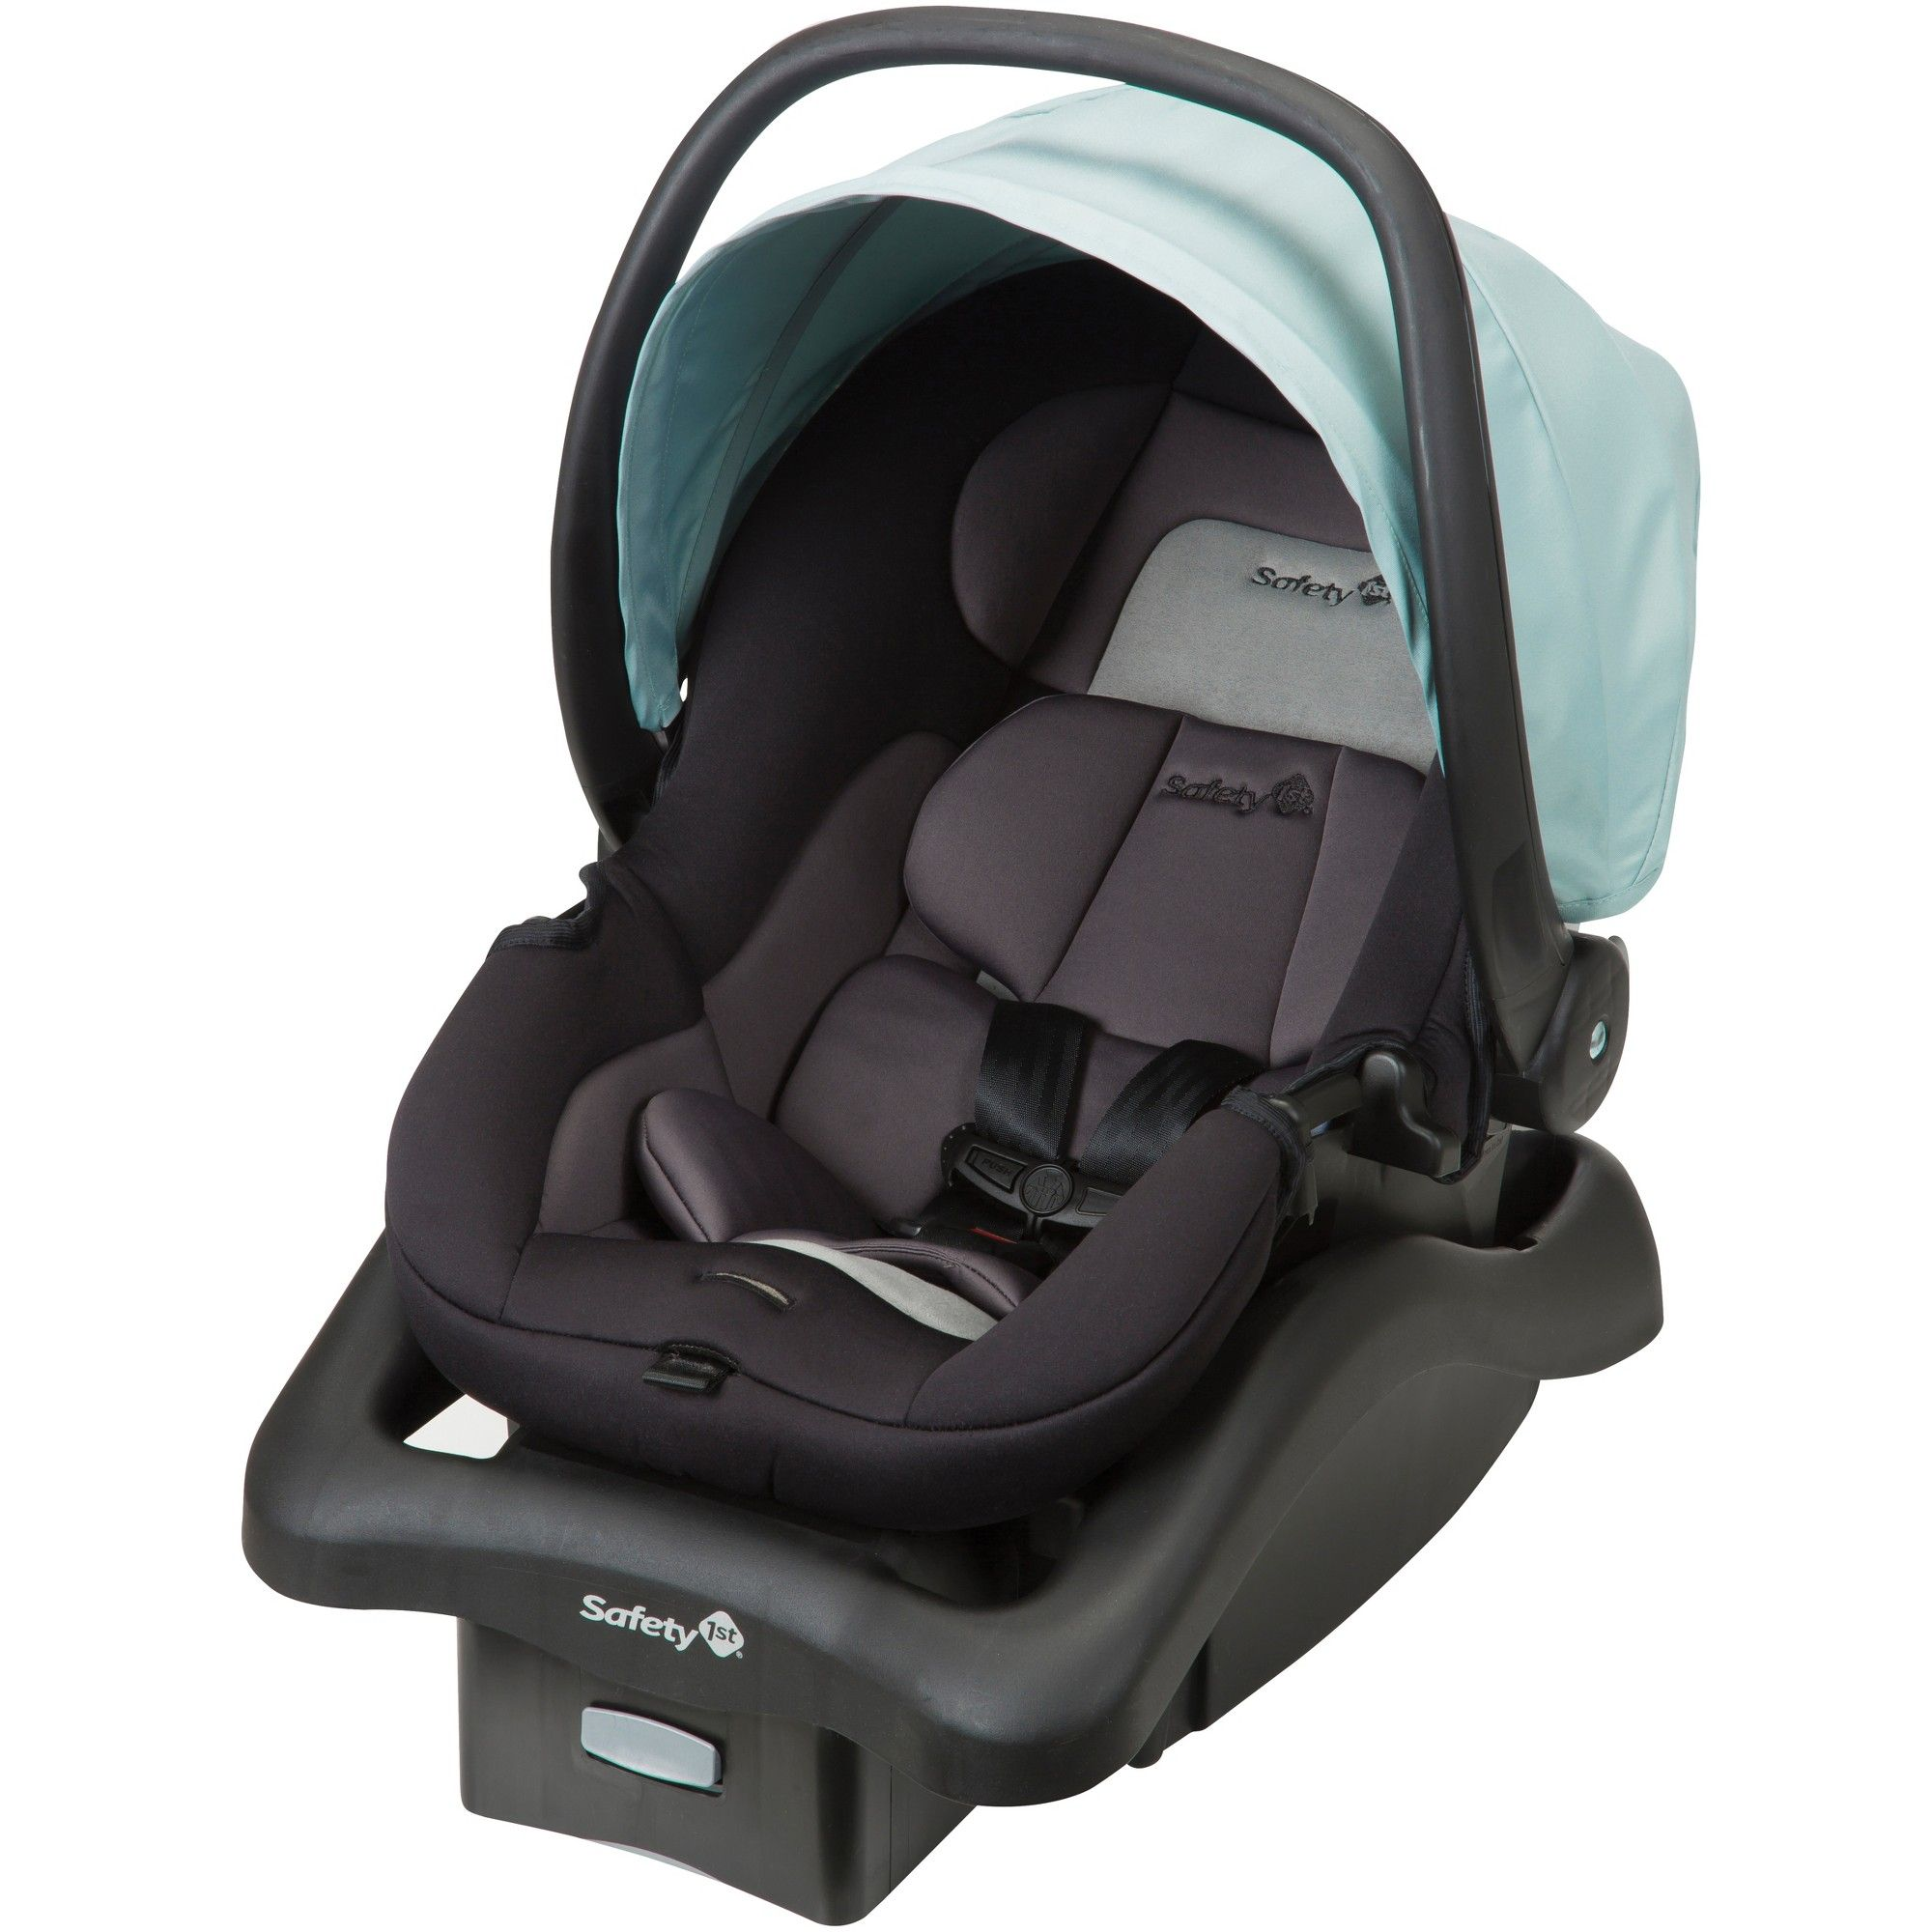 Safety 1st onboard 35 lt juniper pop infant car seat